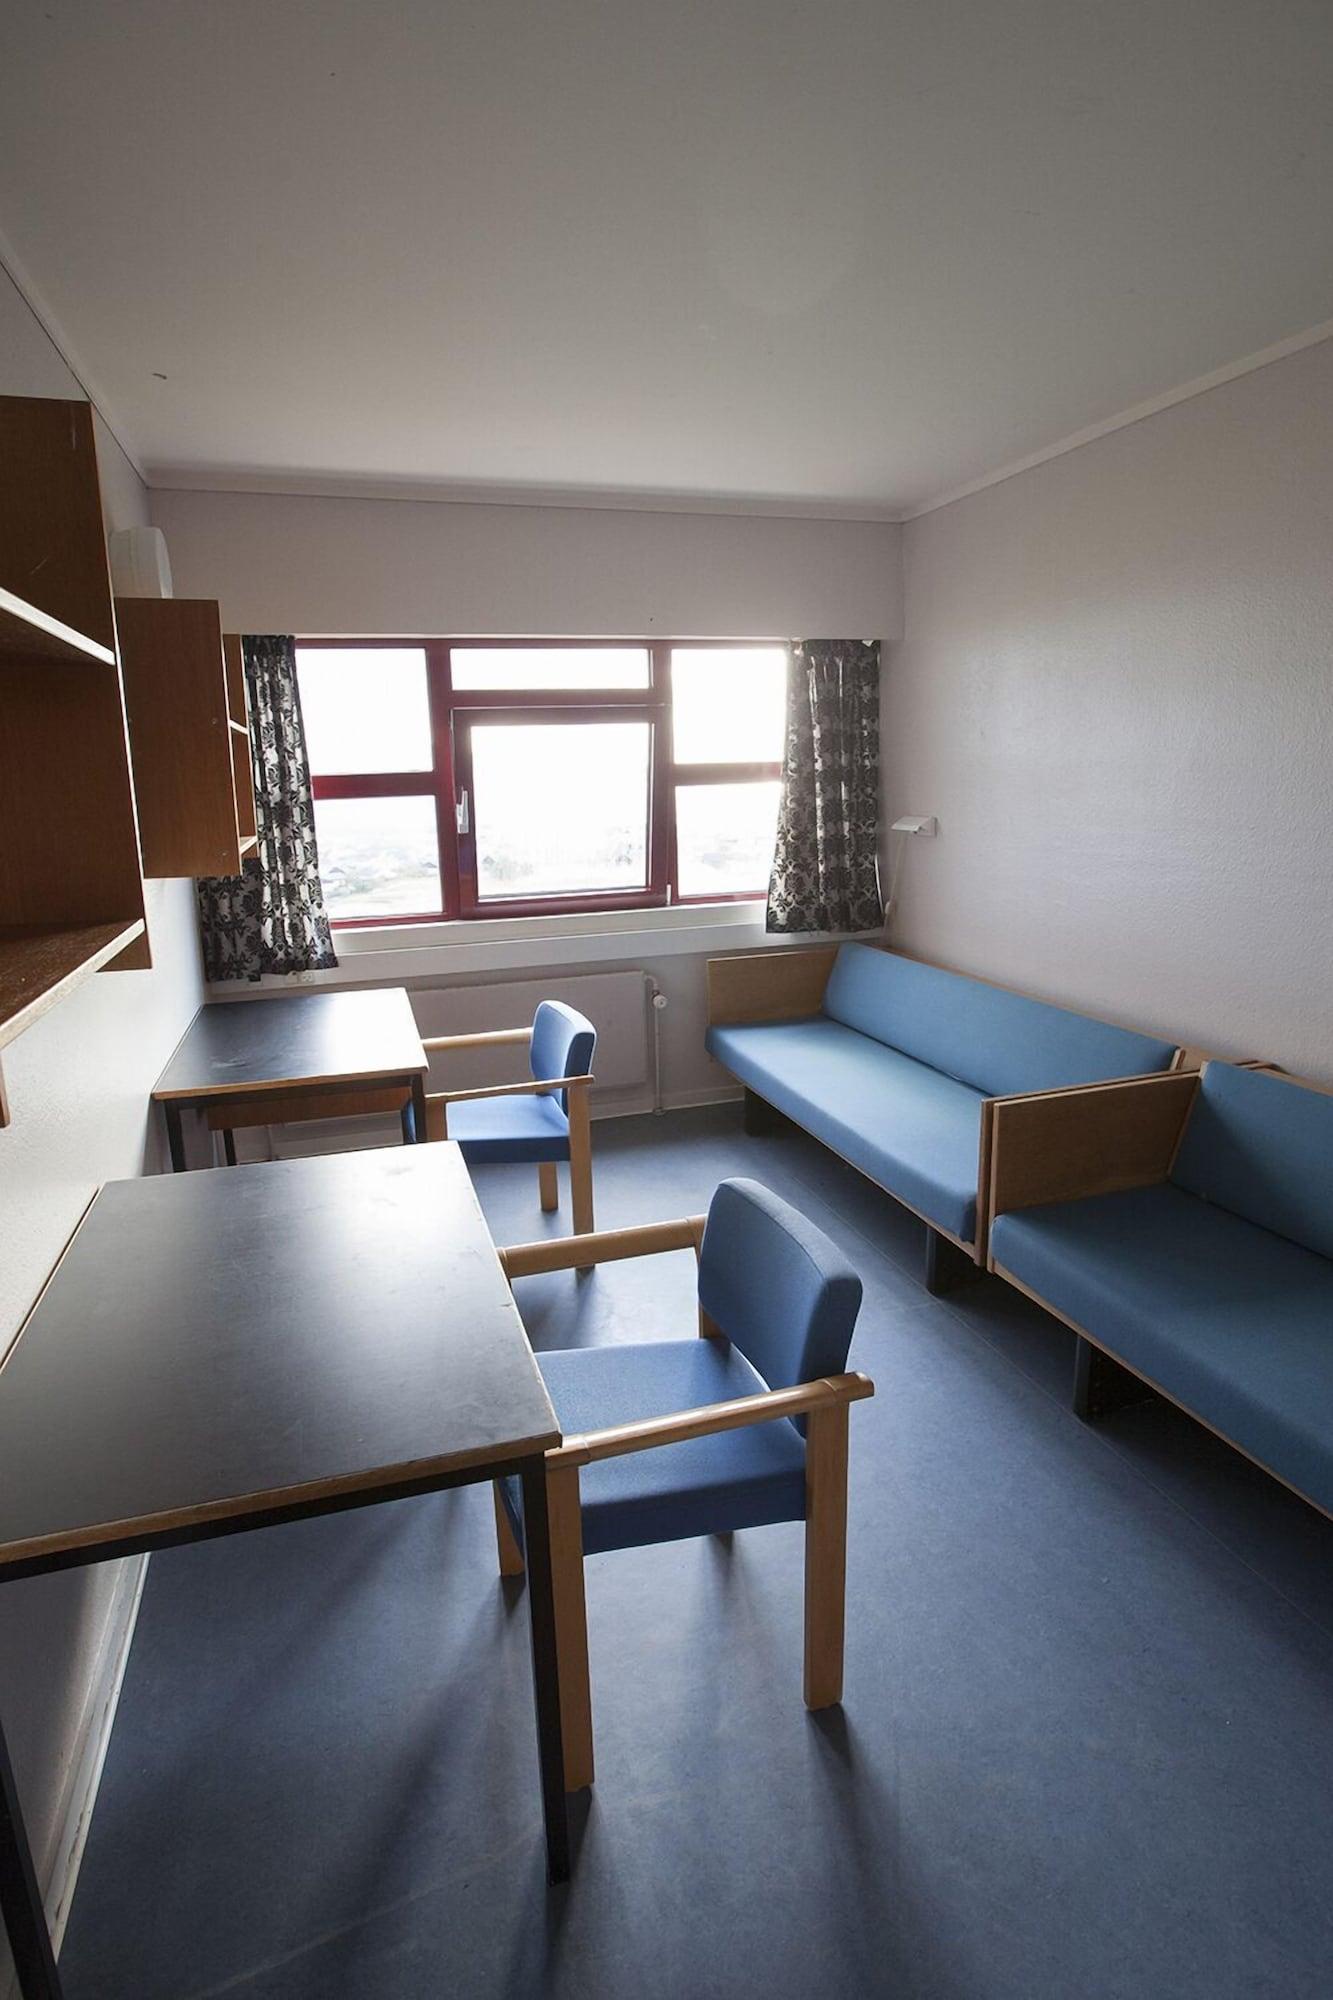 62N Guesthouse Marknagil, Tórshavn